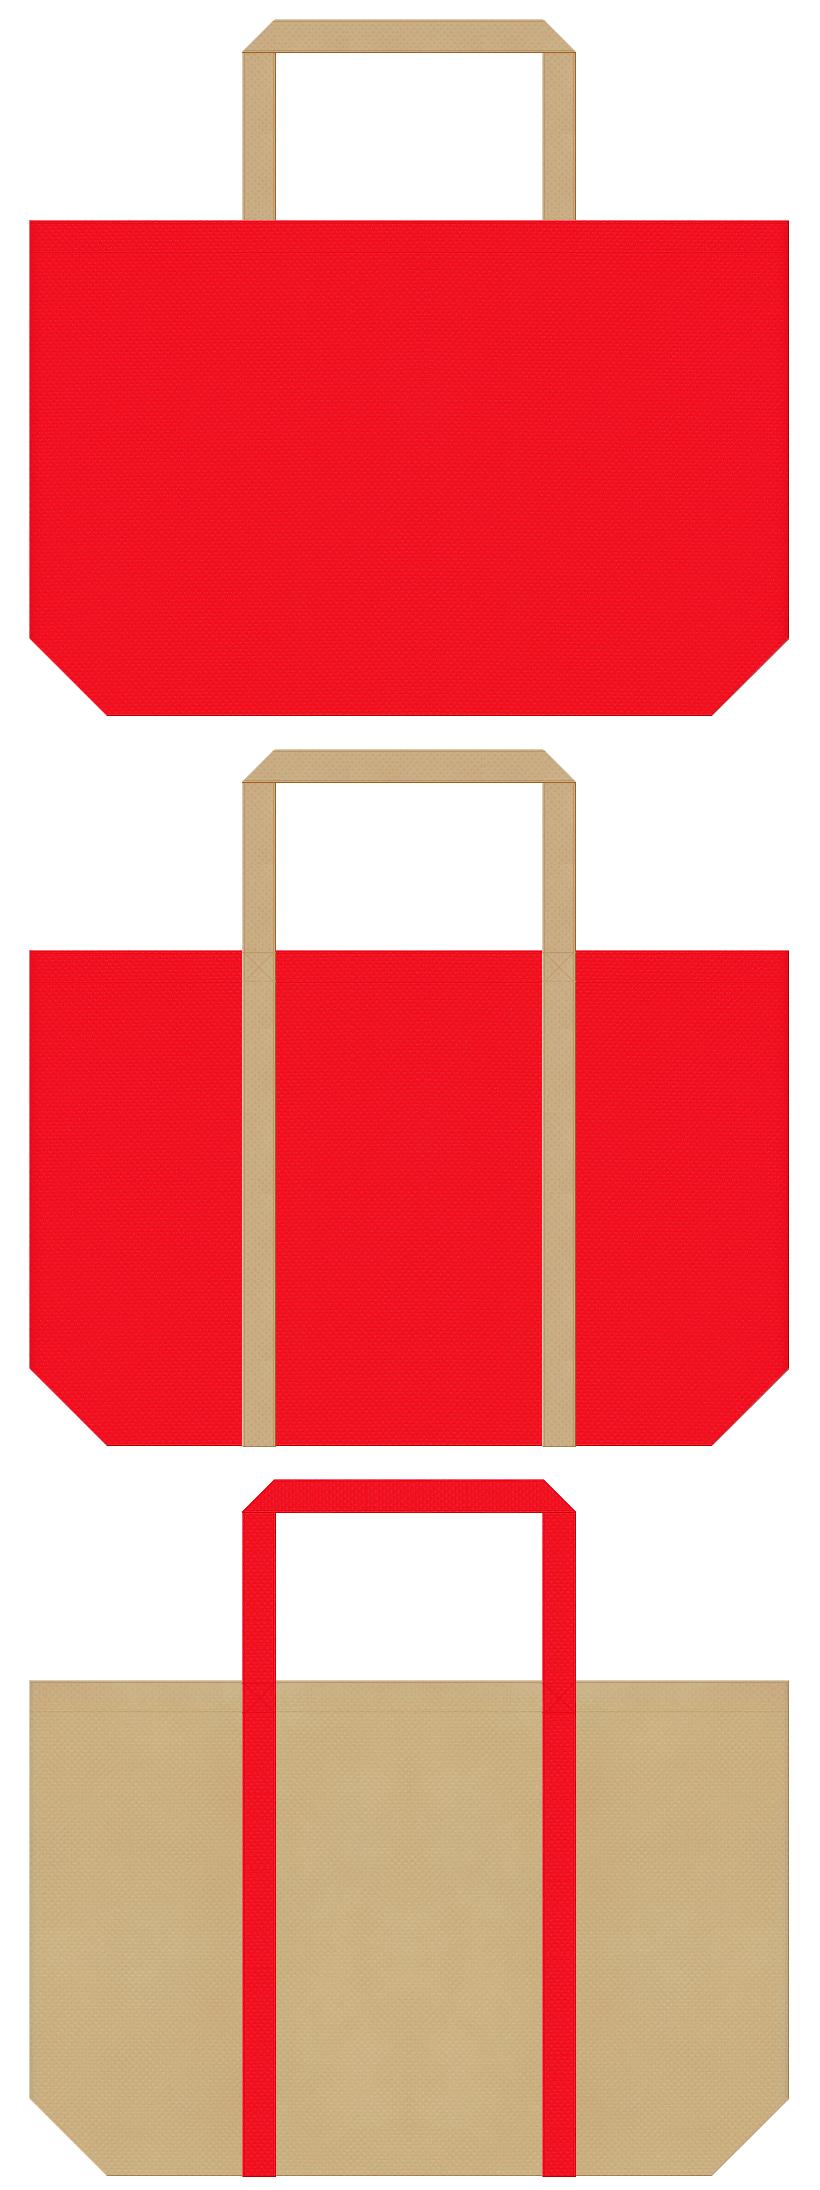 赤鬼・節分・大豆・一合枡・野点傘・茶会・お祭り・和風催事にお奨めの不織布バッグデザイン:赤色とカーキ色のコーデ